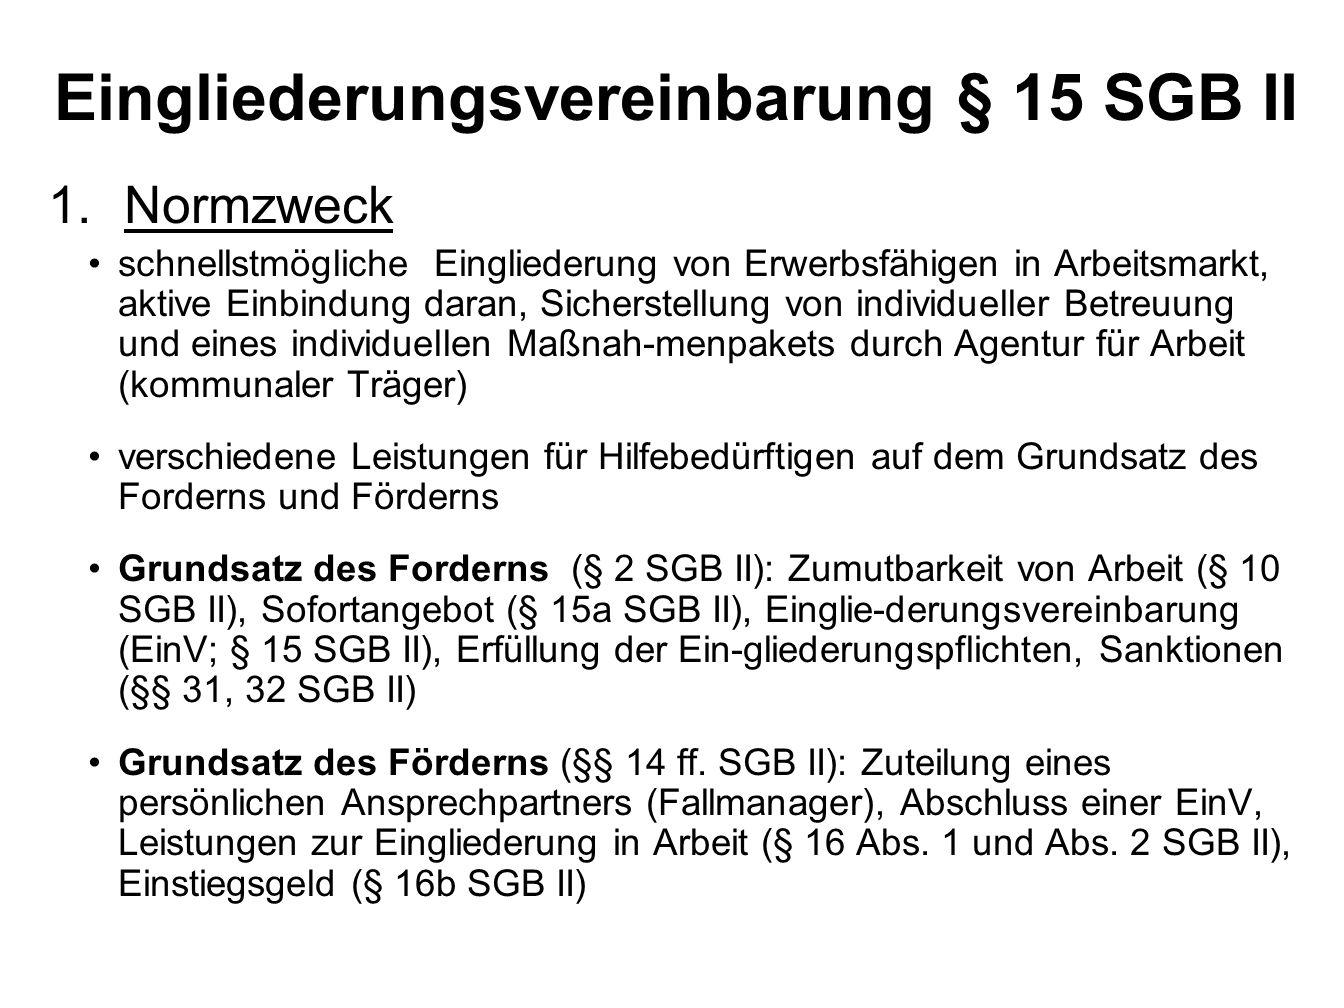 Eingliederungsvereinbarung § 15 SGB II 1.Normzweck schnellstmögliche Eingliederung von Erwerbsfähigen in Arbeitsmarkt, aktive Einbindung daran, Sicherstellung von individueller Betreuung und eines individuellen Maßnah-menpakets durch Agentur für Arbeit (kommunaler Träger) verschiedene Leistungen für Hilfebedürftigen auf dem Grundsatz des Forderns und Förderns Grundsatz des Forderns (§ 2 SGB II): Zumutbarkeit von Arbeit (§ 10 SGB II), Sofortangebot (§ 15a SGB II), Einglie-derungsvereinbarung (EinV; § 15 SGB II), Erfüllung der Ein-gliederungspflichten, Sanktionen (§§ 31, 32 SGB II) Grundsatz des Förderns (§§ 14 ff.